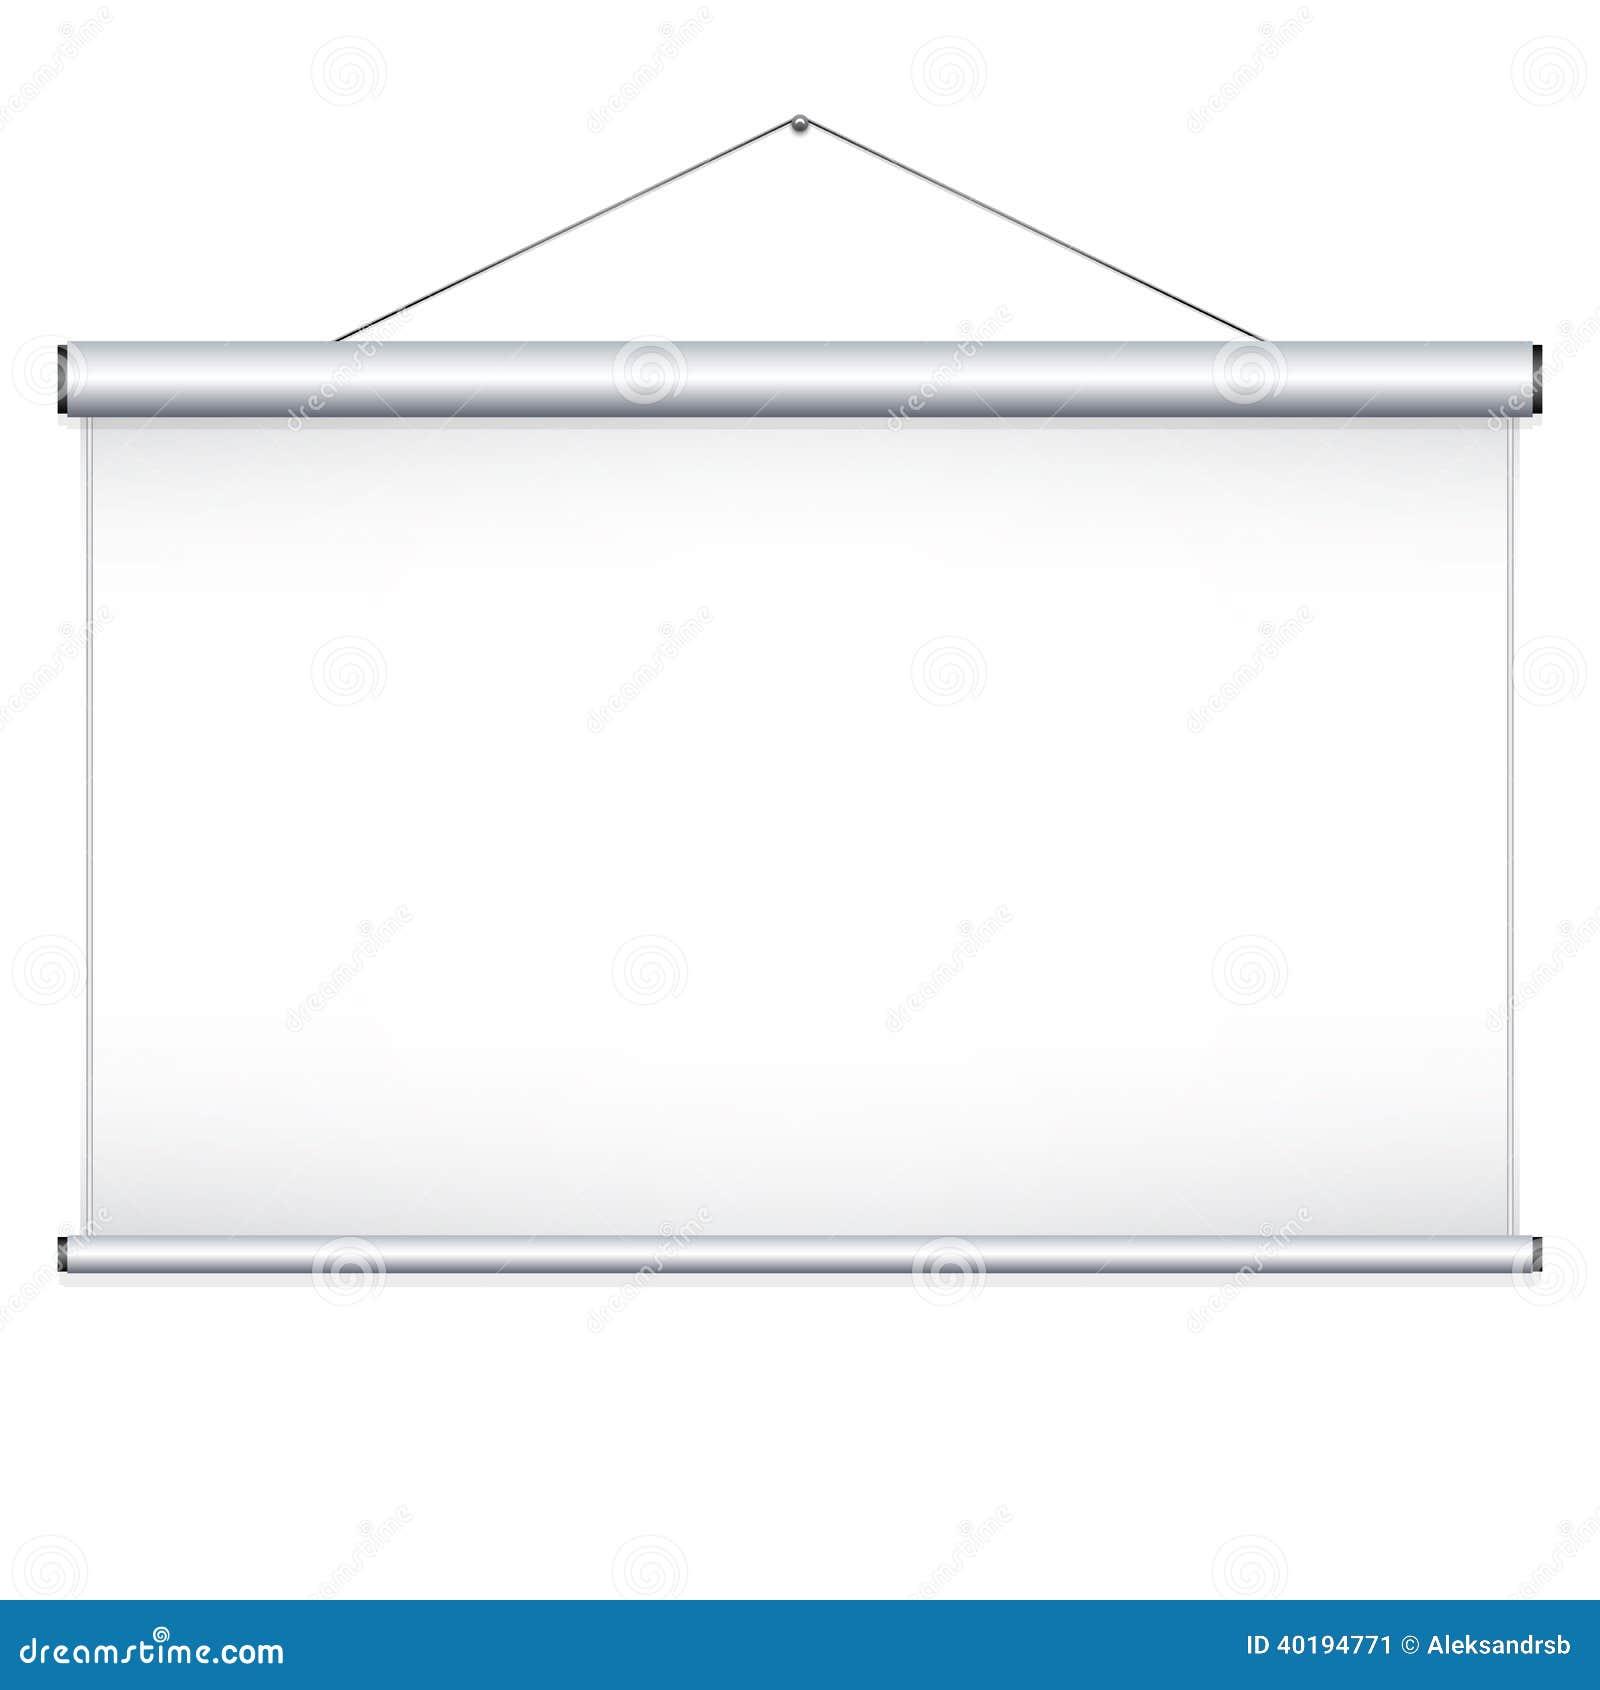 Pantalla de proyector ilustraci n del vector imagen for Pantalla para proyector